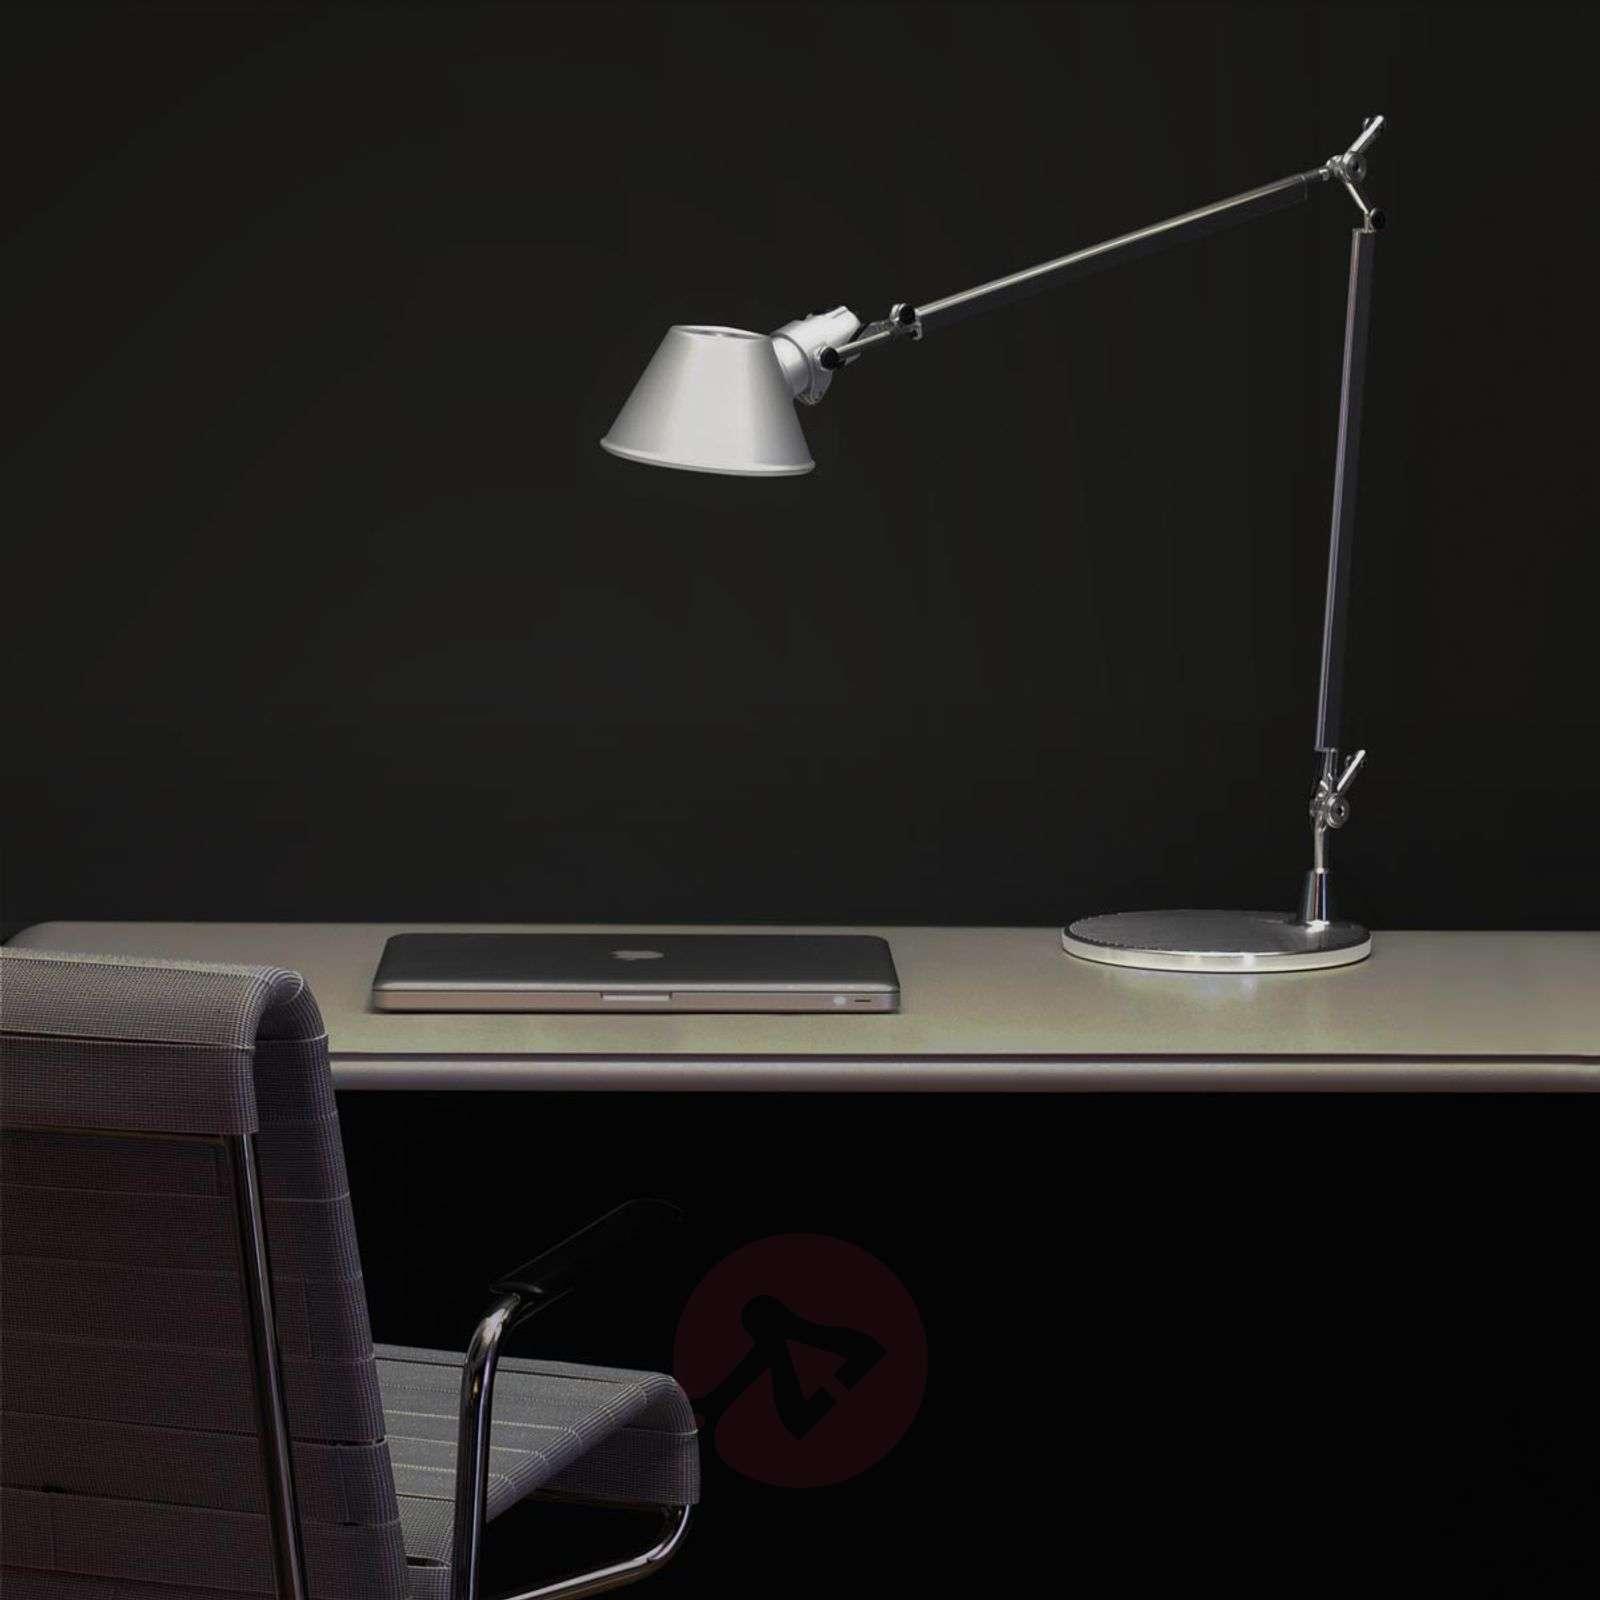 LED-työpöytävalaisin Tolomeo, himm.-1060110-01